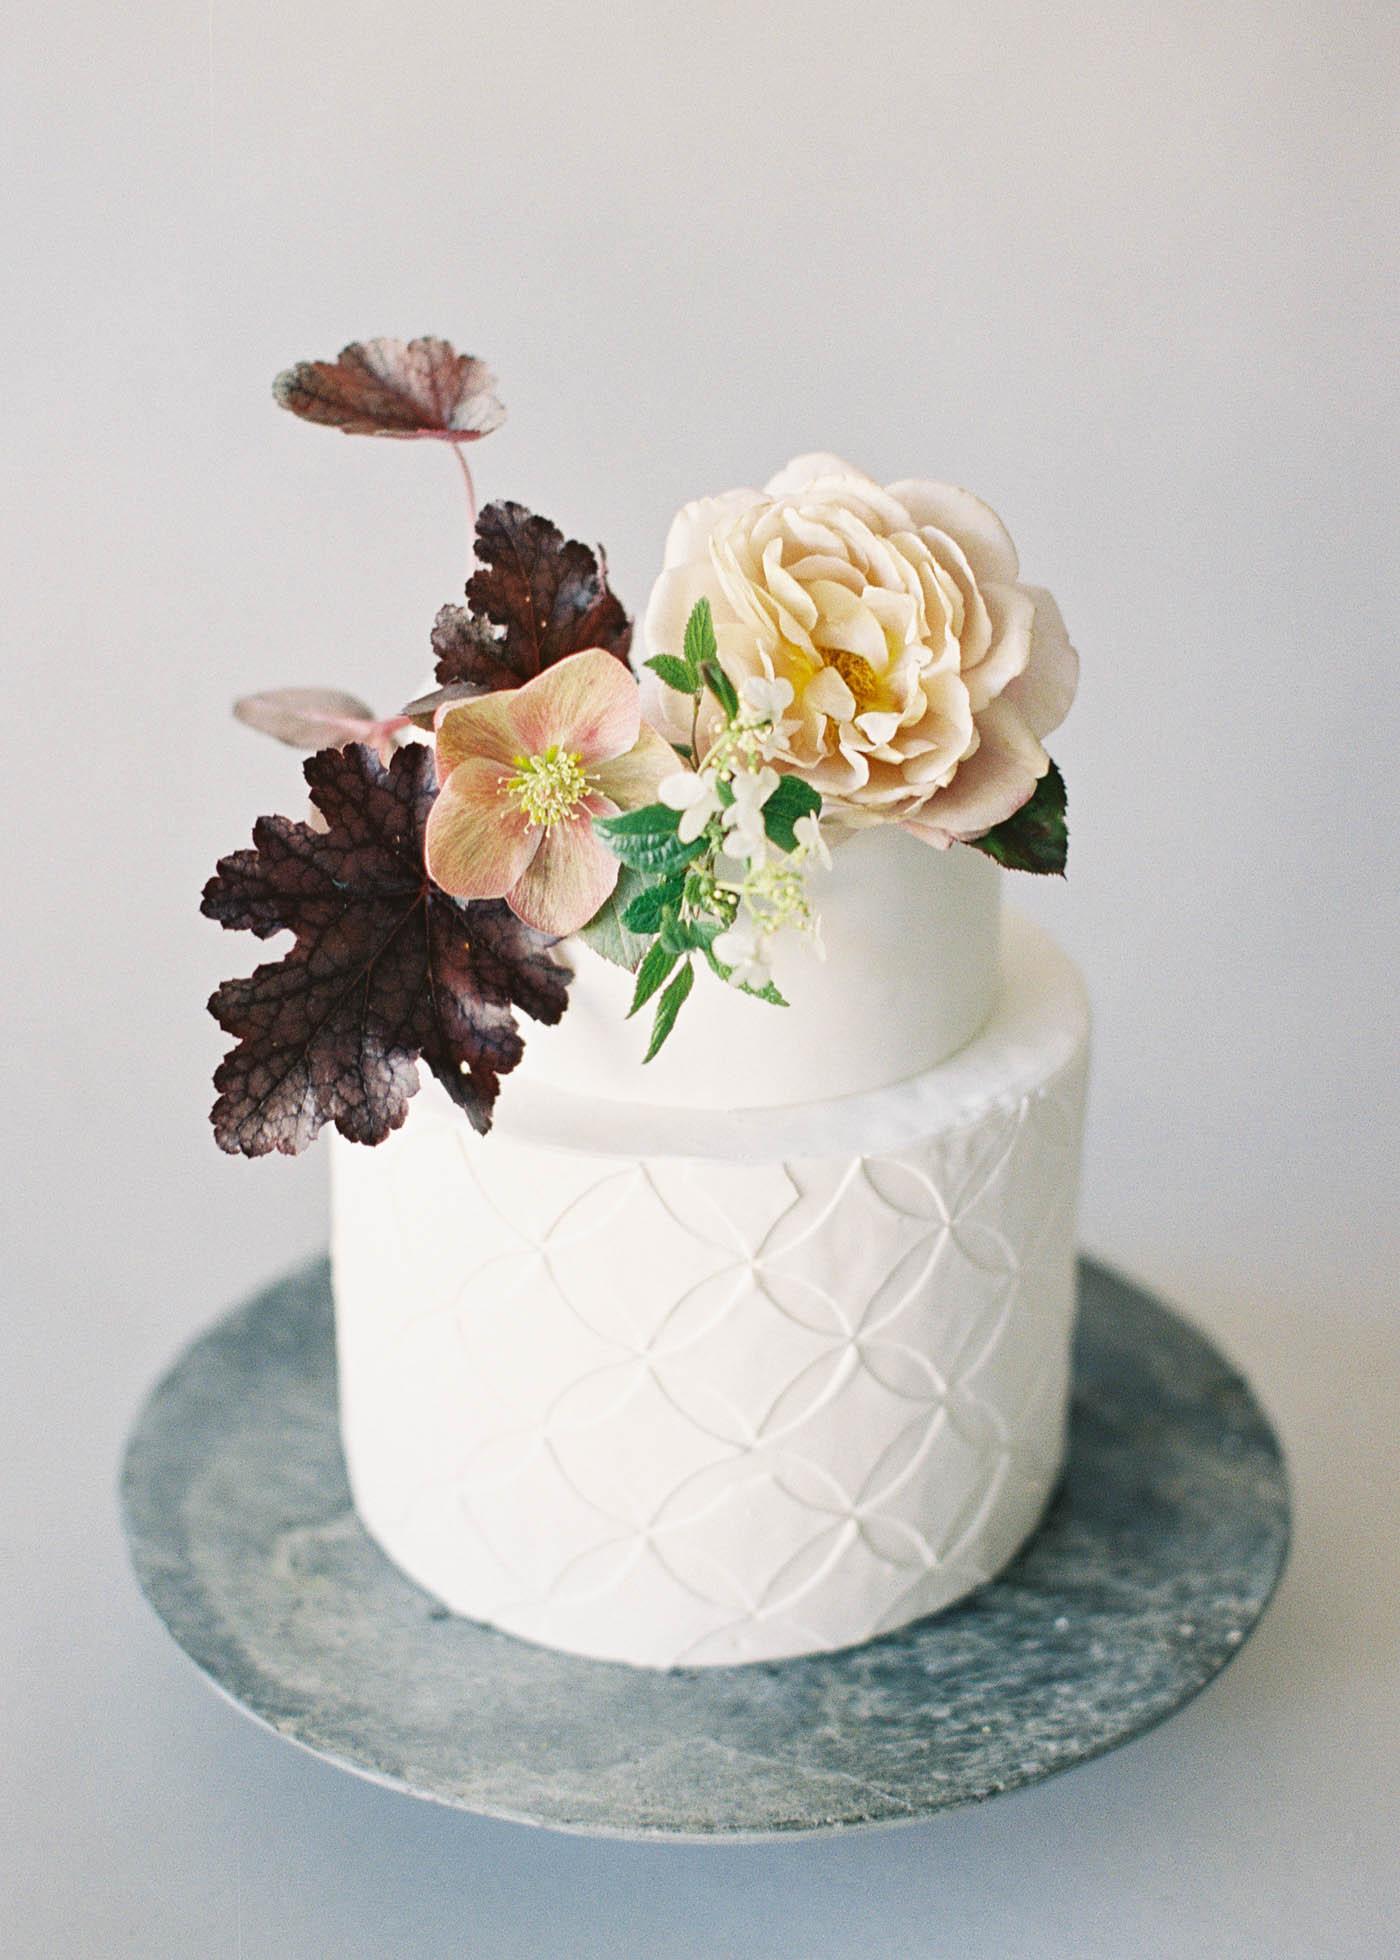 Cake-Favorites-21-Jen_Huang-000486-R1-063-30.jpg